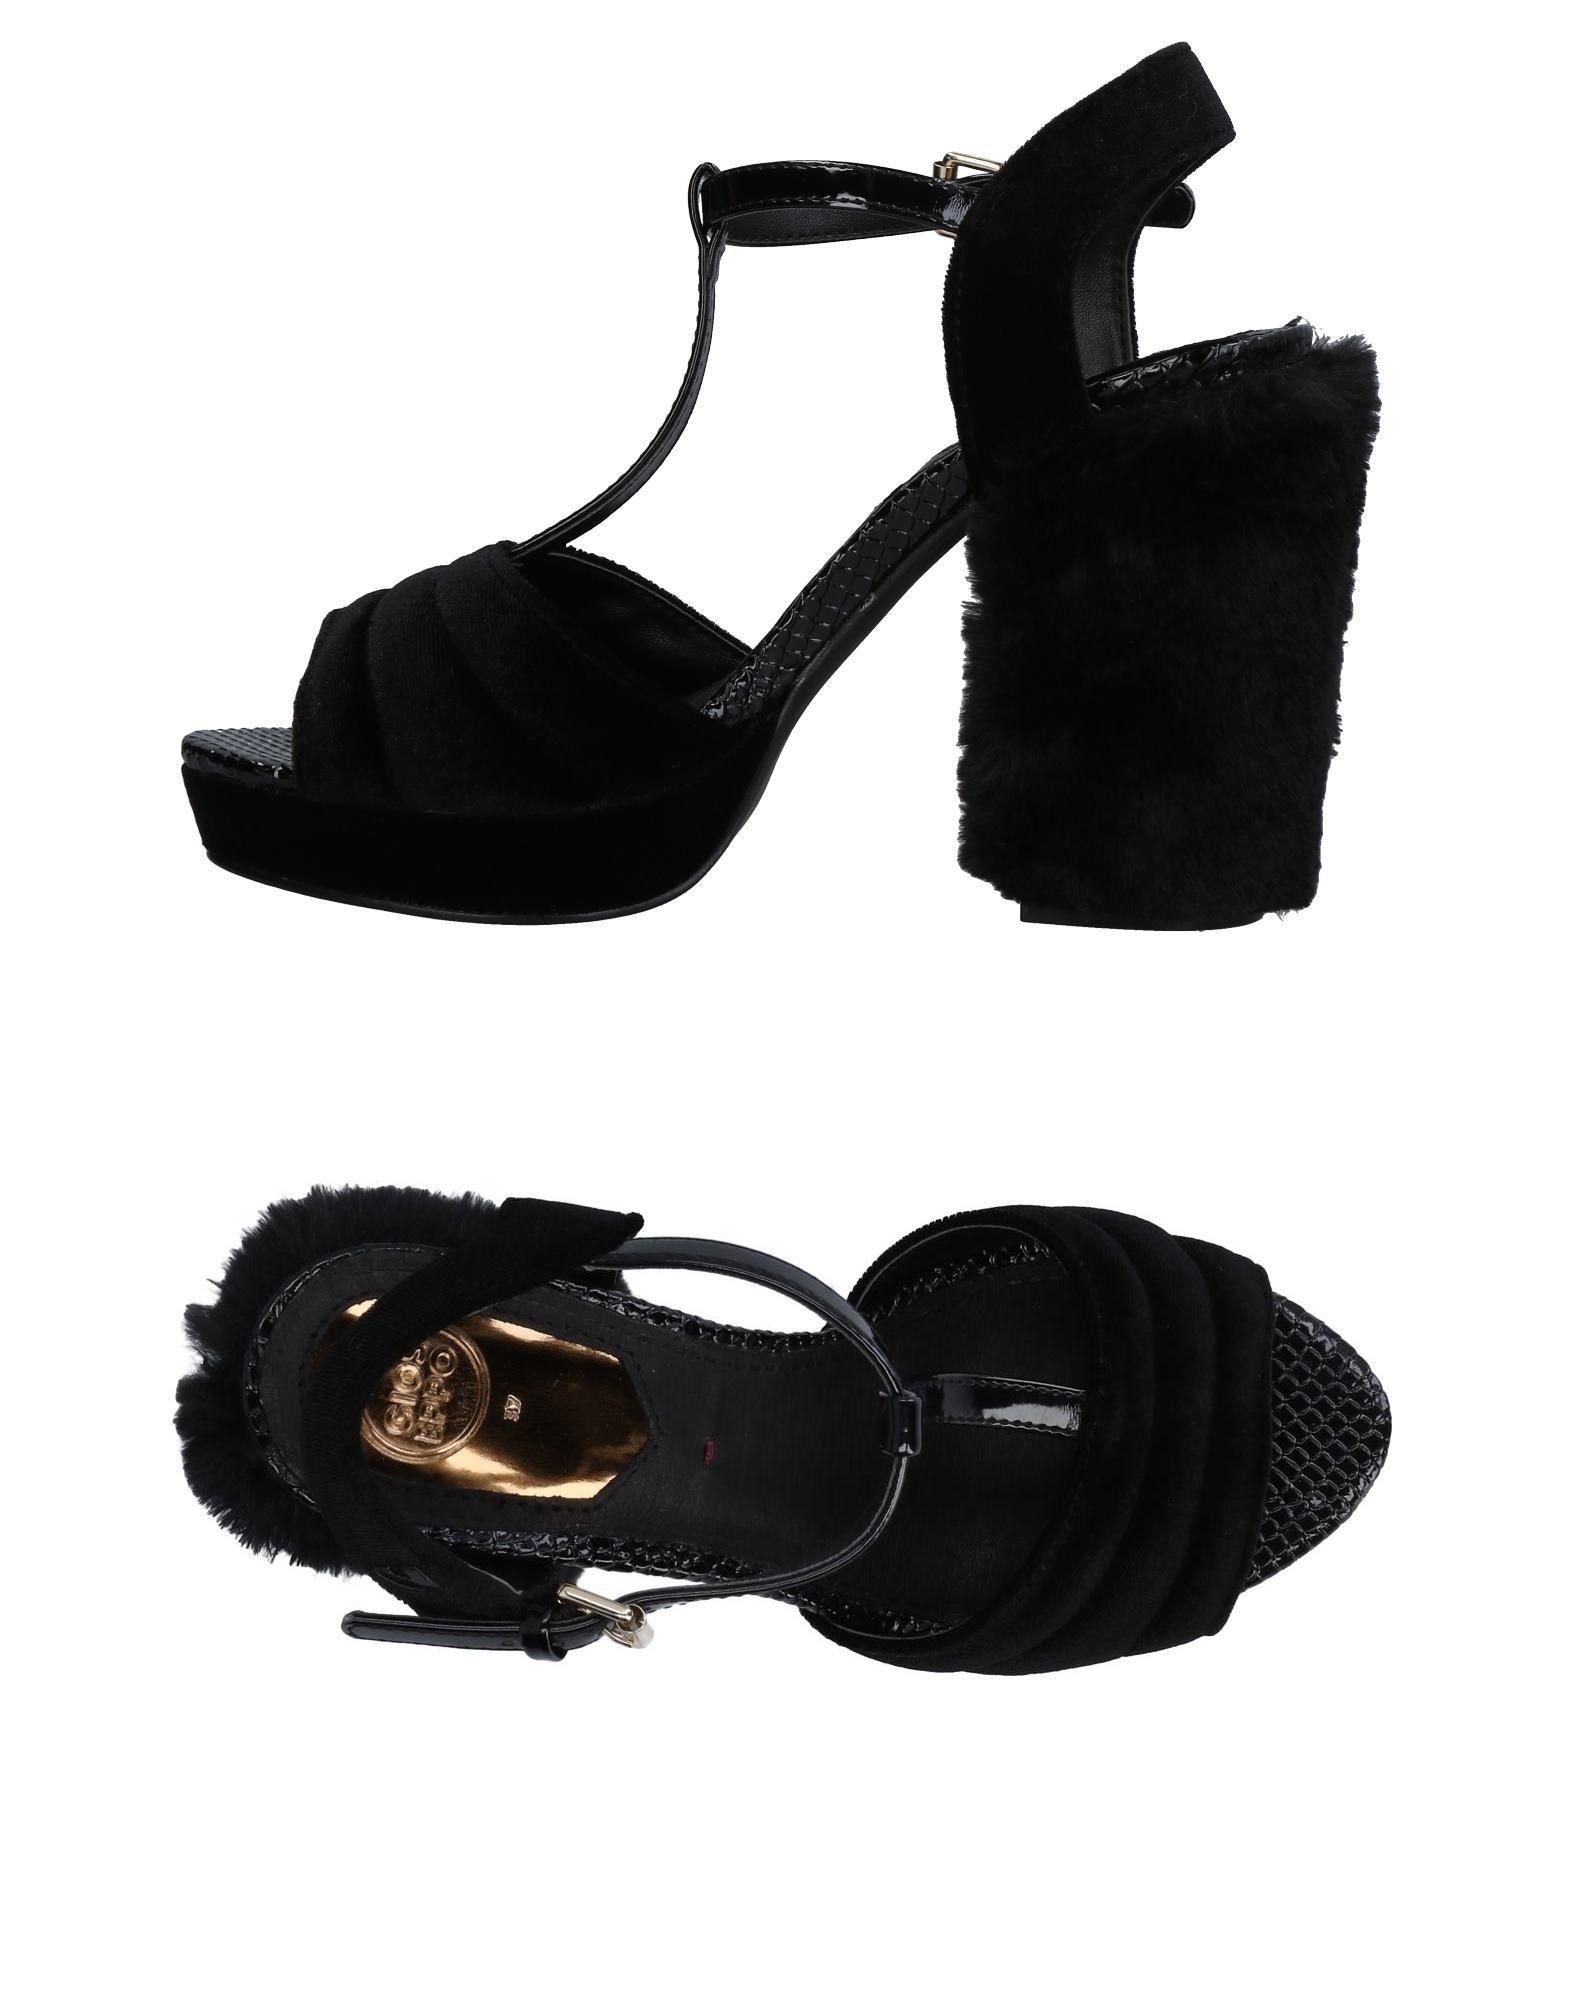 Los zapatos más populares para hombres y mujeres Sandalia Gioseppo Gioseppo Sandalia Mujer - Sandalias Gioseppo  Negro 0a6520